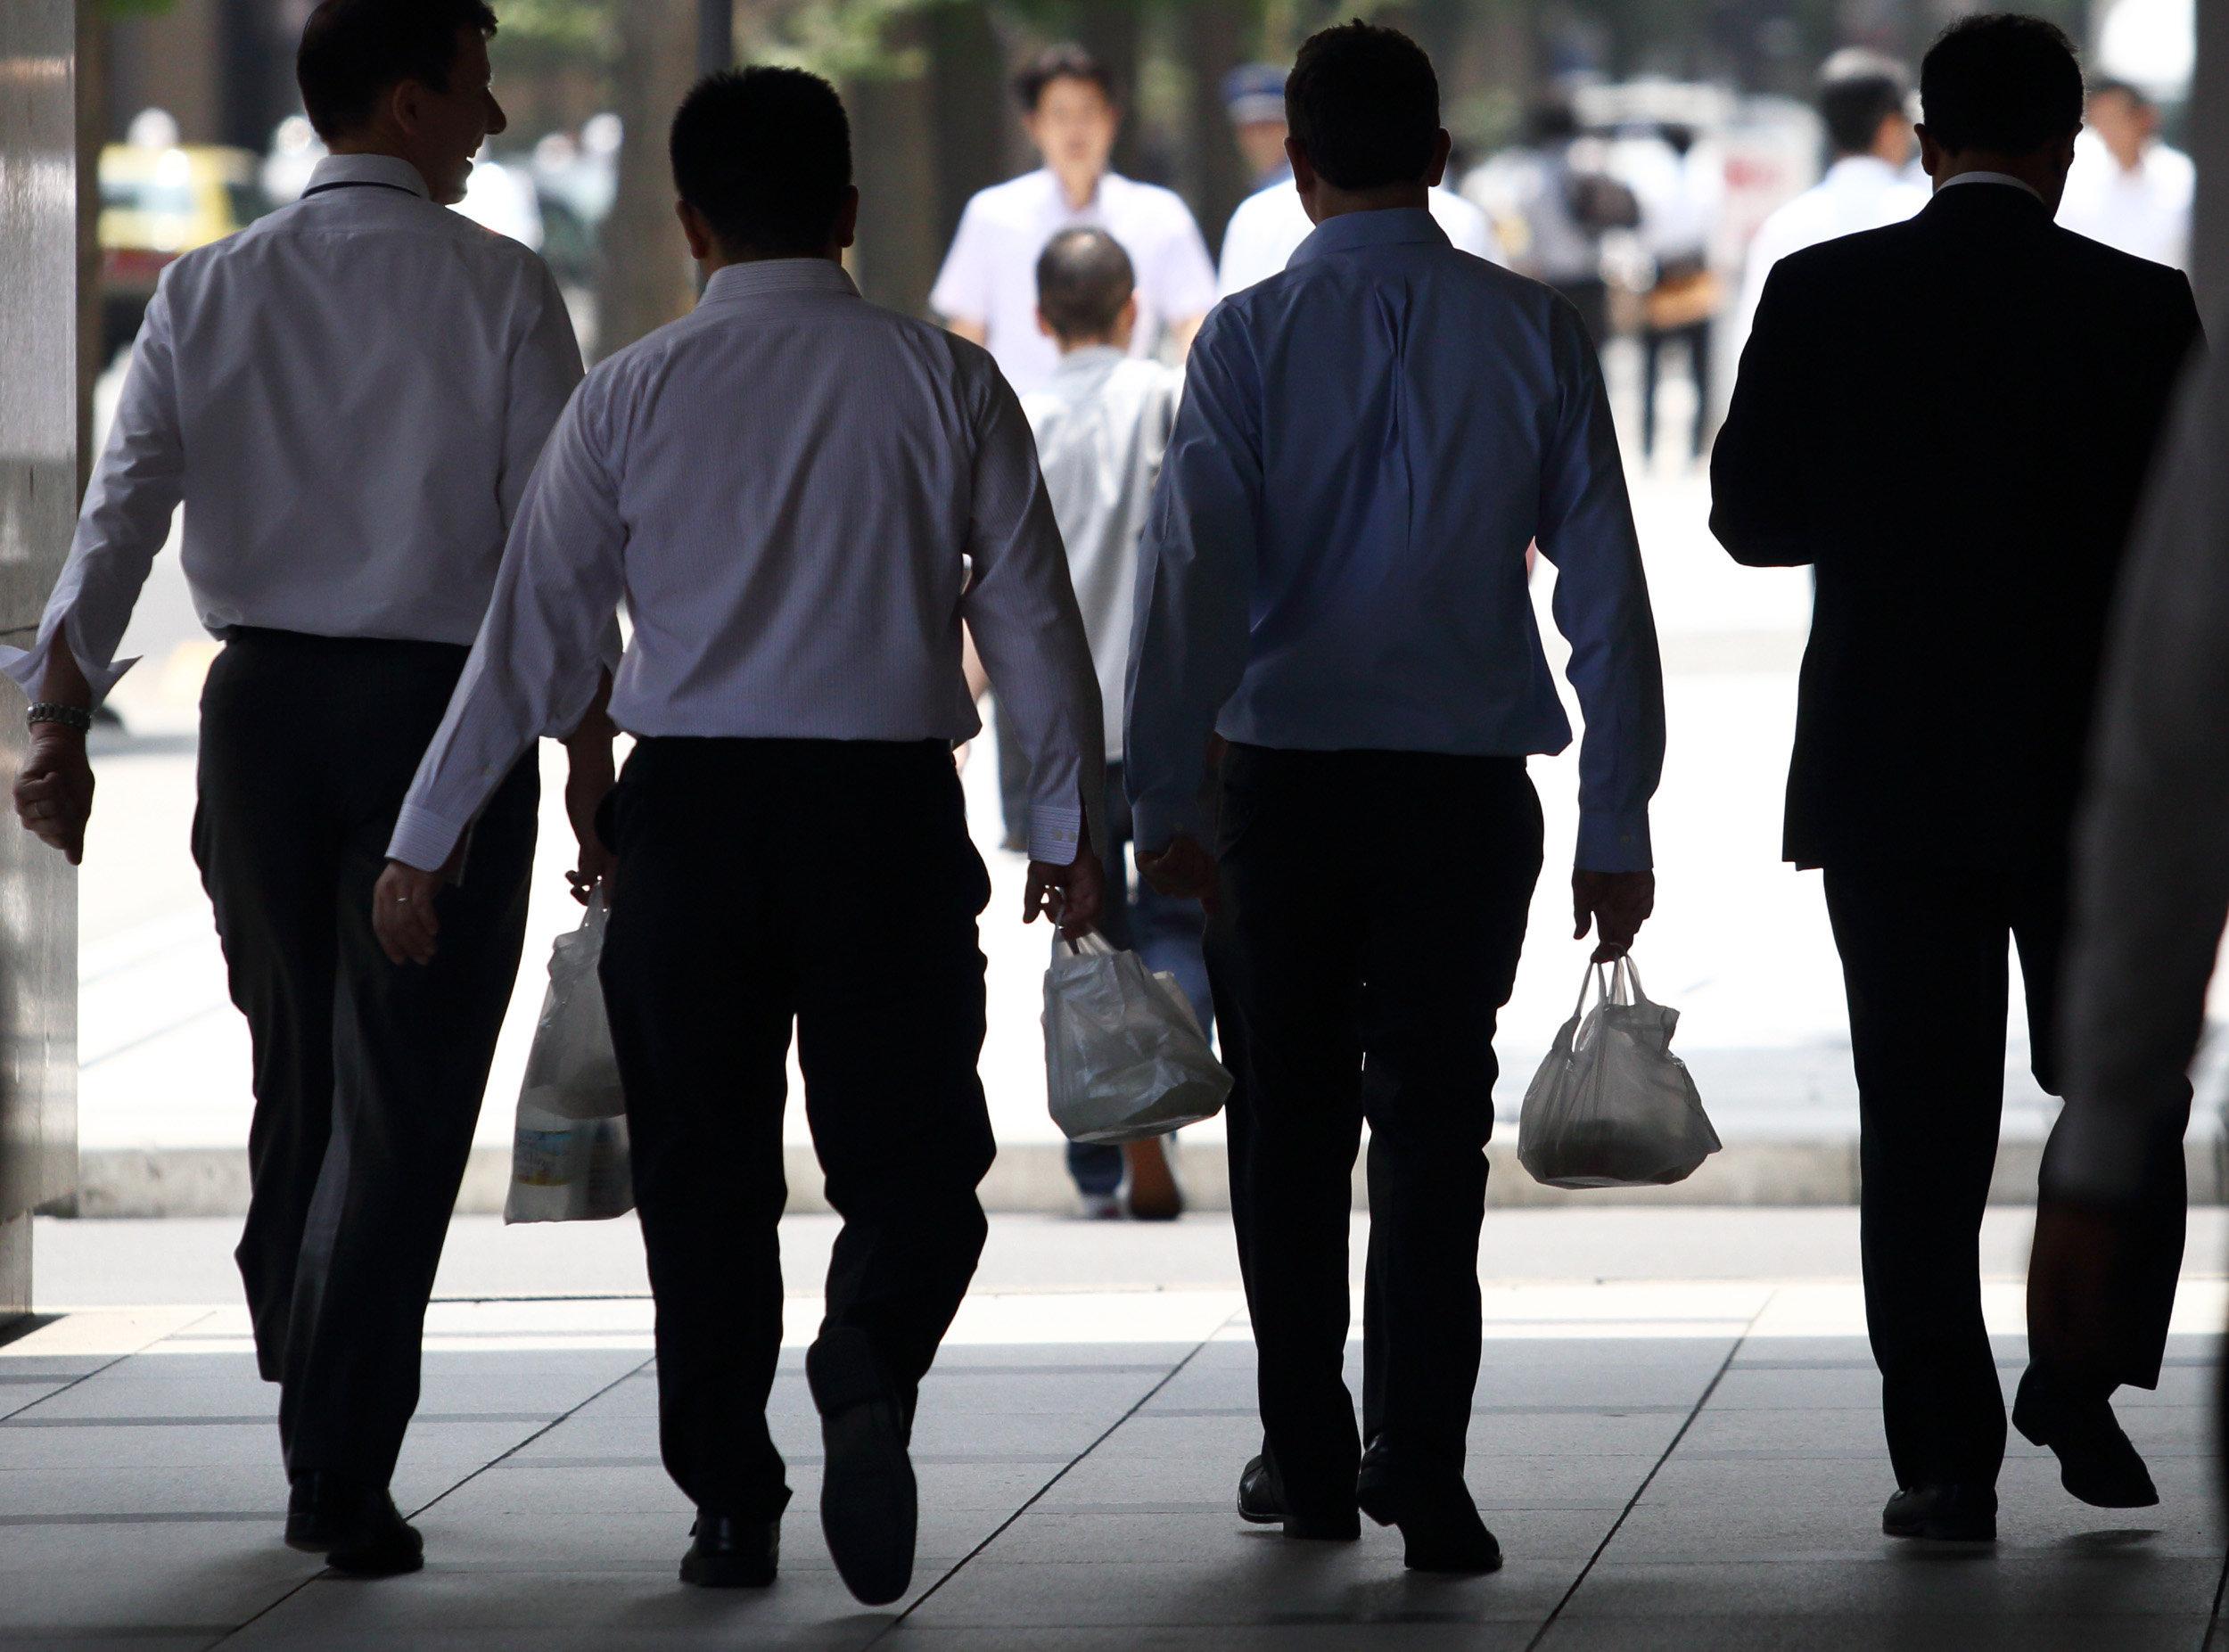 일본의 한 공무원이 도시락 사러 자리 비웠다가 징계를